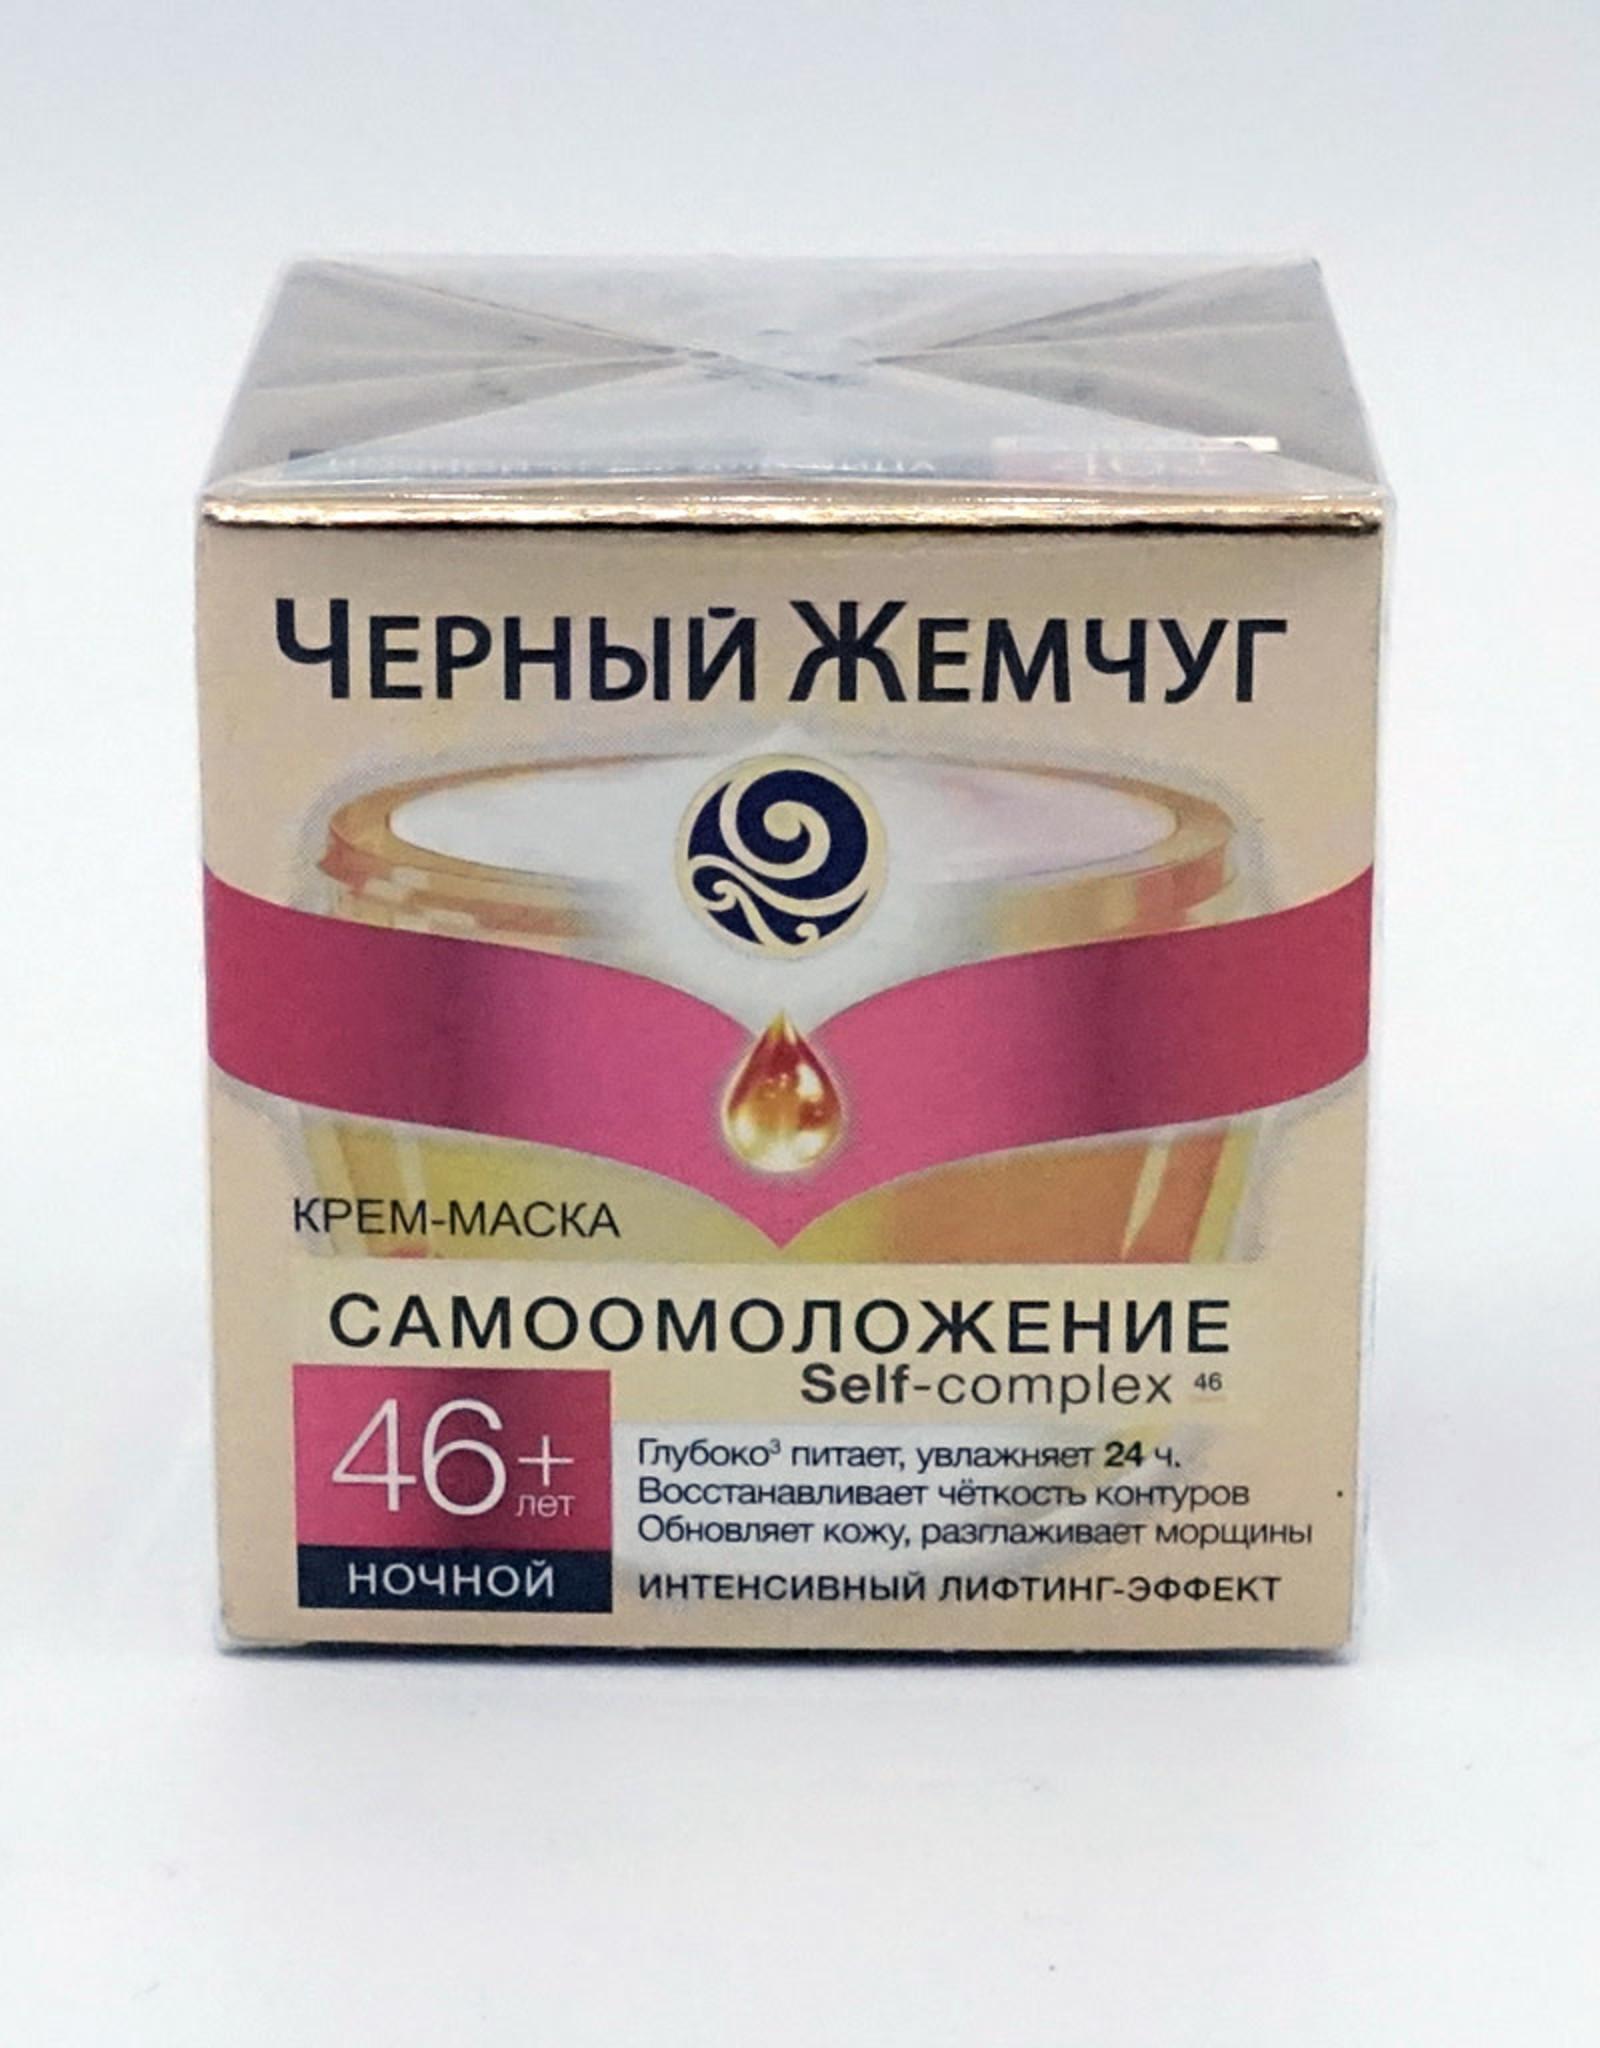 Черный Жемчуг Черный Жемчуг, Самоомоложение, ночной 46+